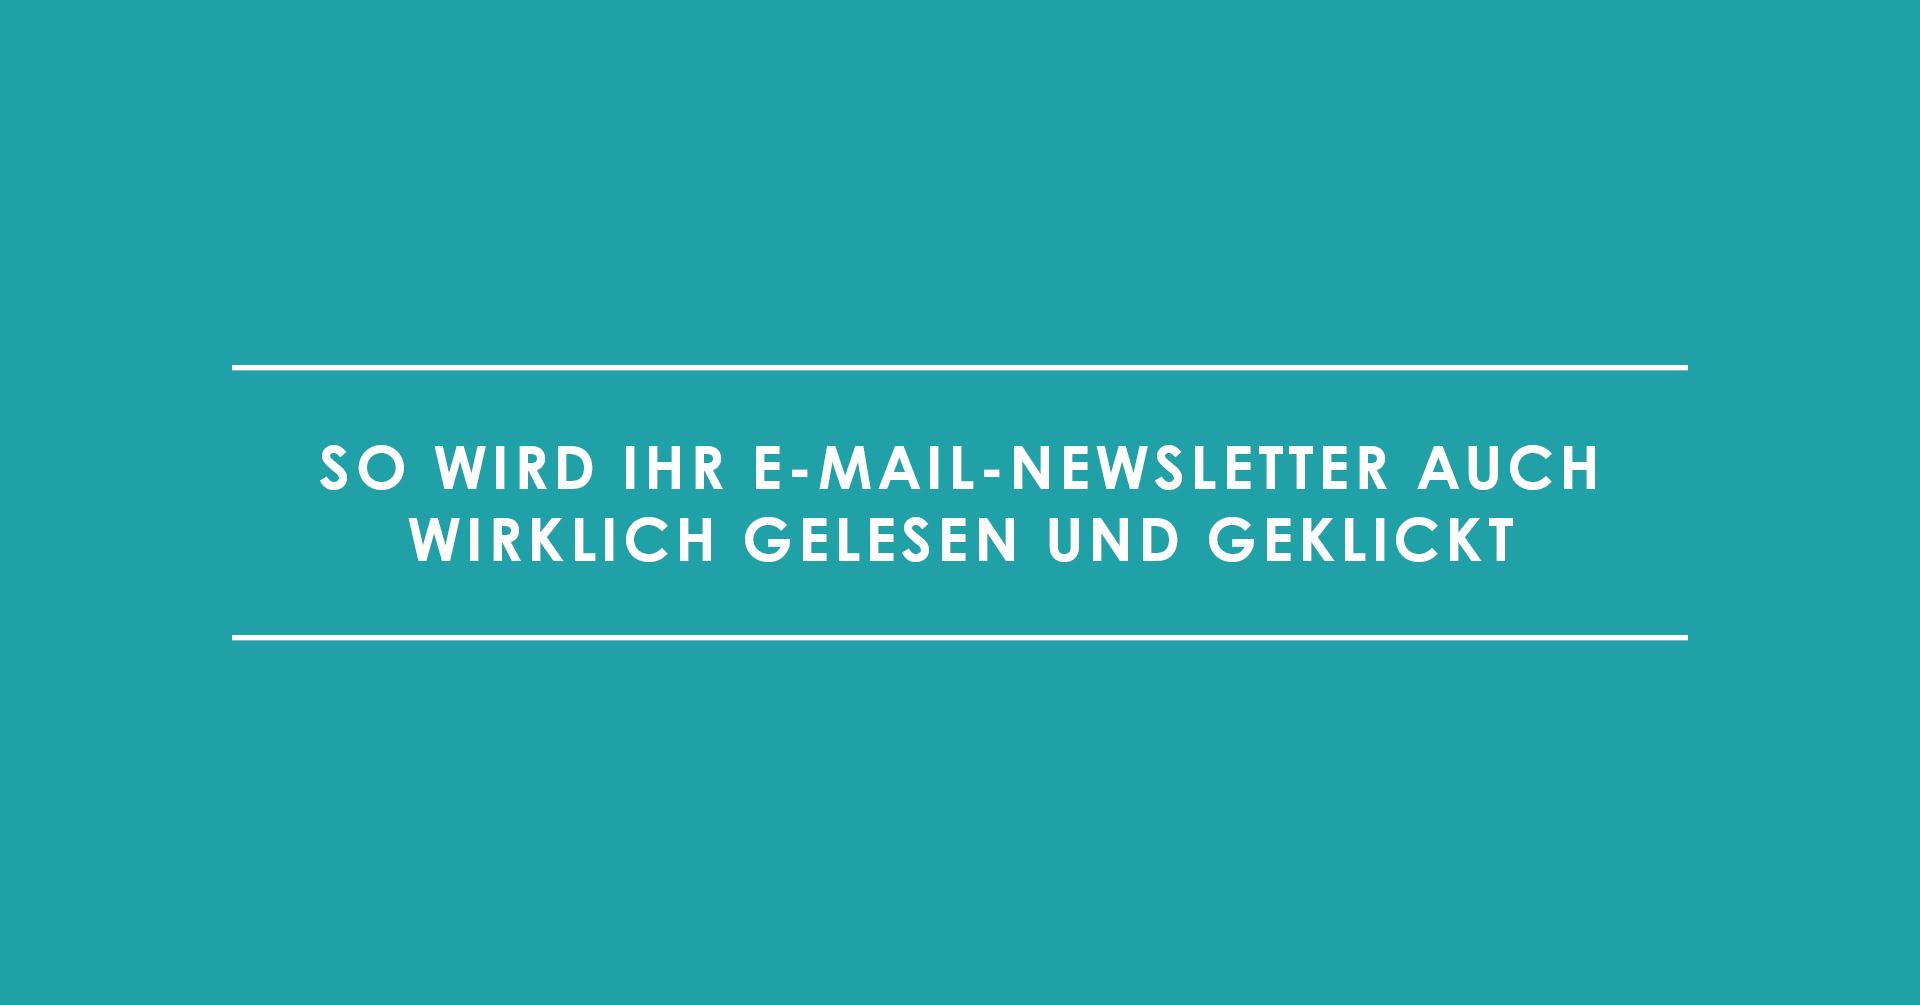 So wird Ihr E-Mail-Newsletter auch wirklich gelesen und geklickt